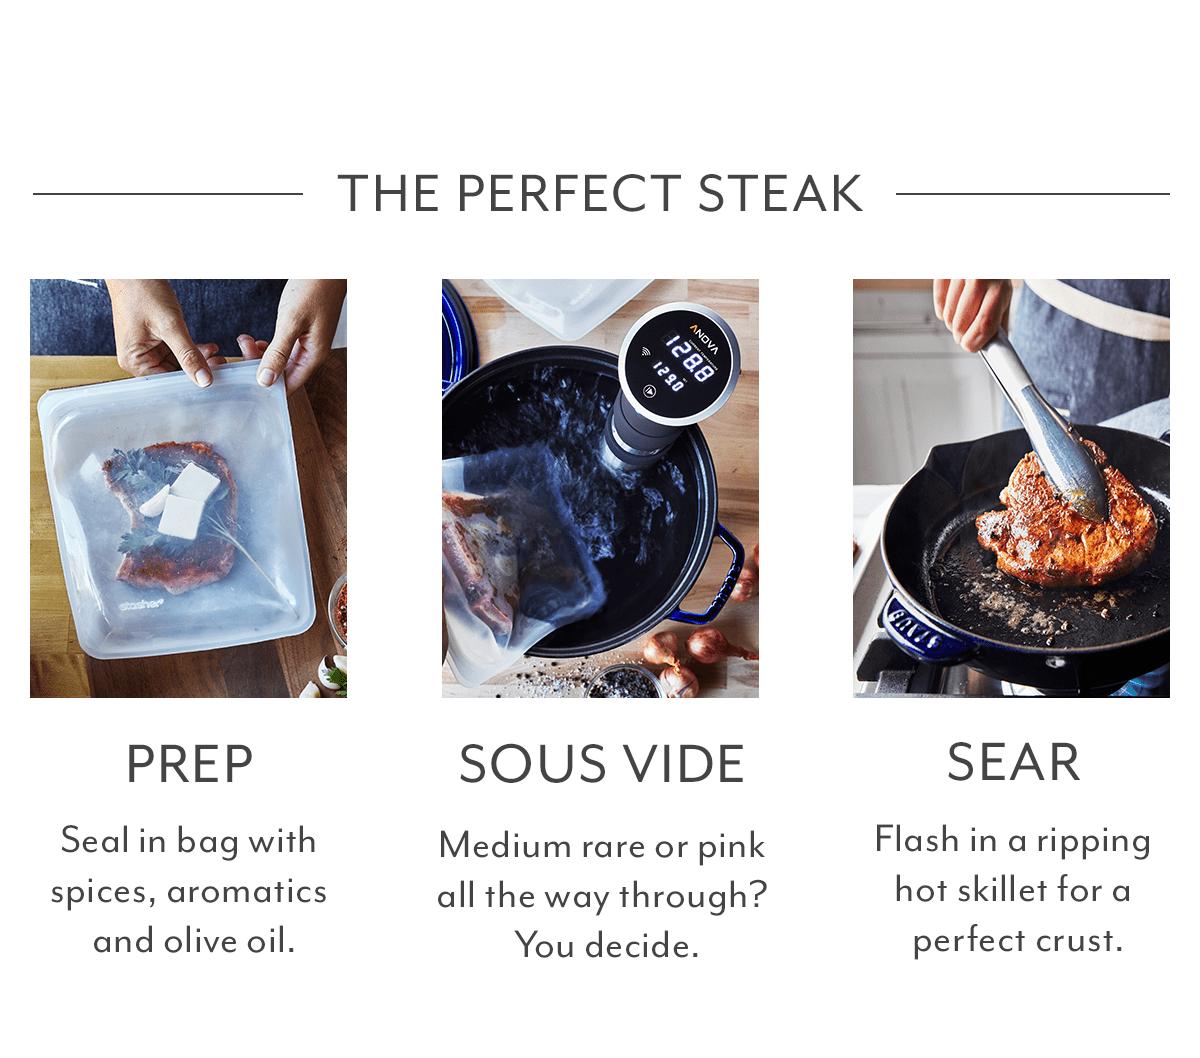 The Perfect Steak - Prep, Sous Vide, Sear